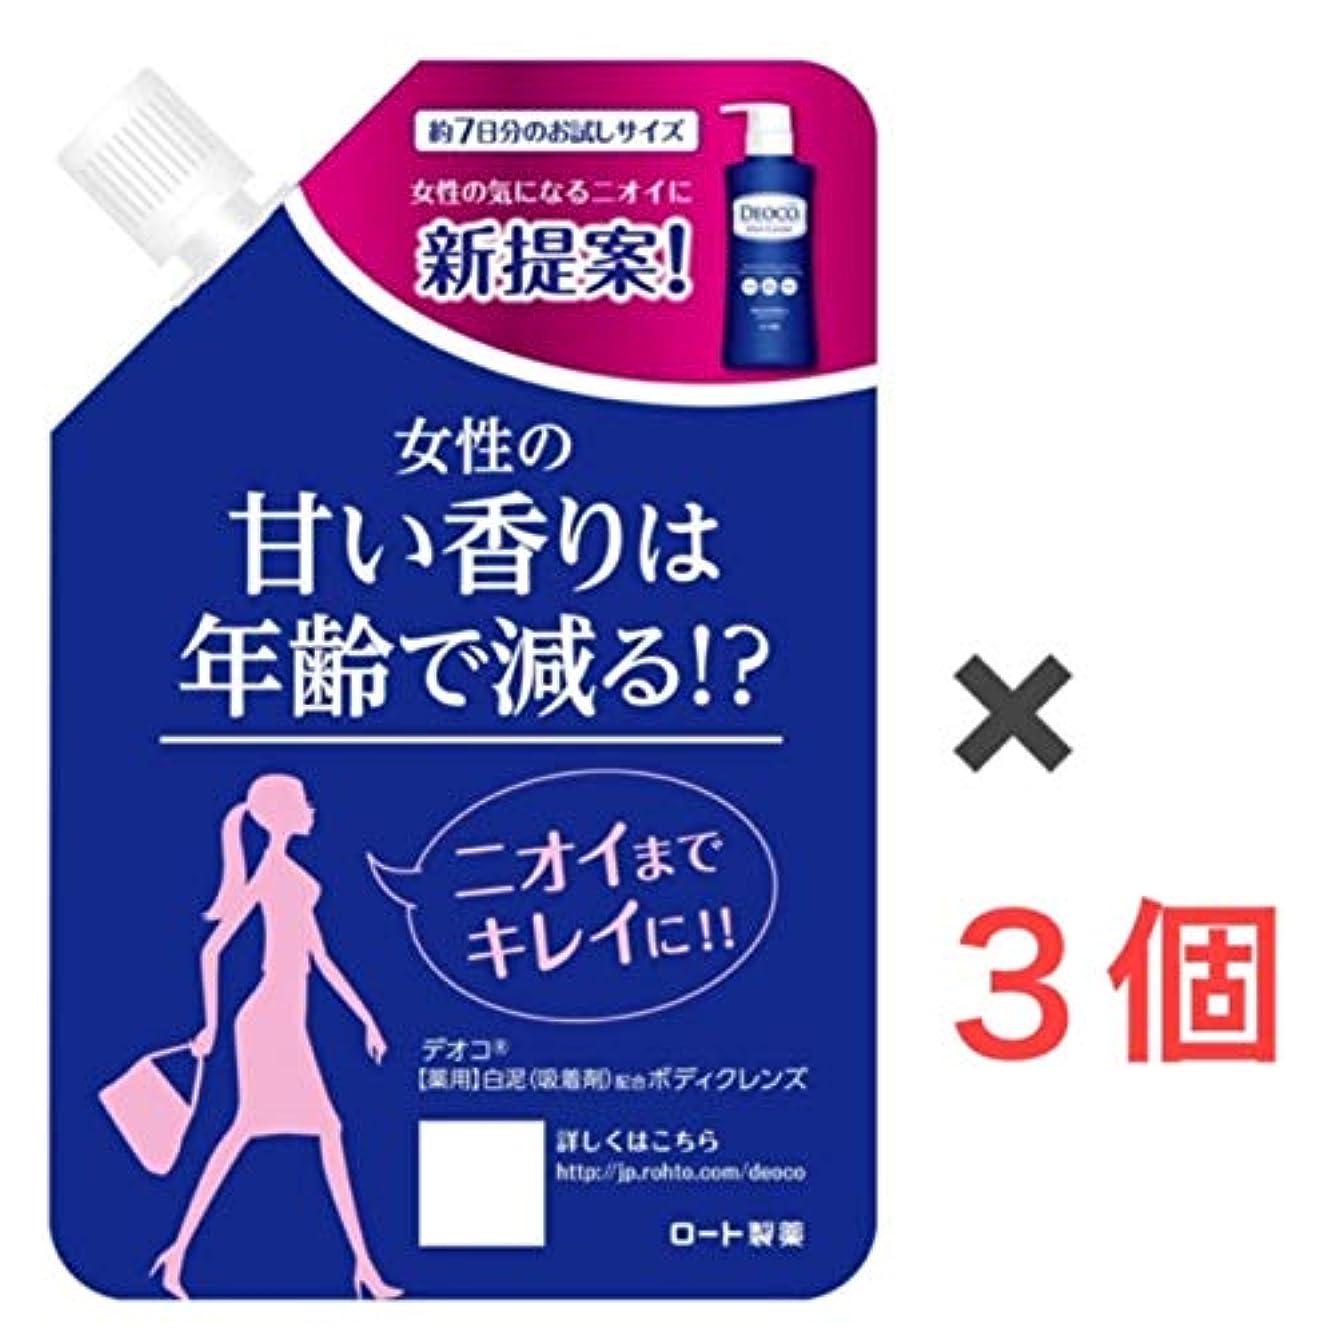 学生速い通訳デオコ業務用デオドラント ディクレンズ おためし用 50mL 3袋